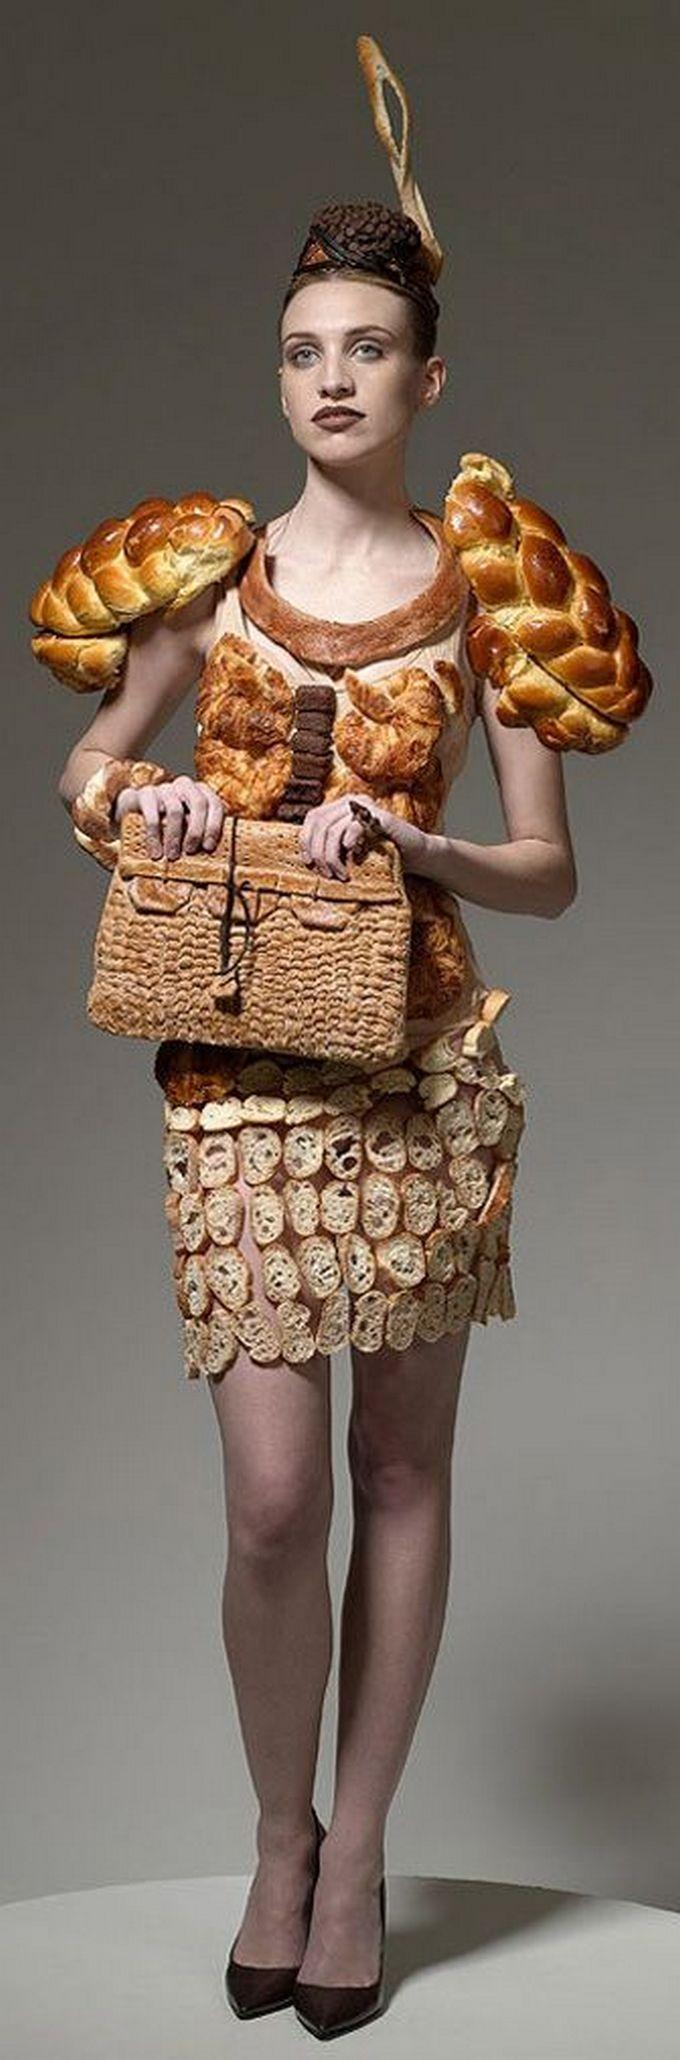 девушка в платье из хлеба